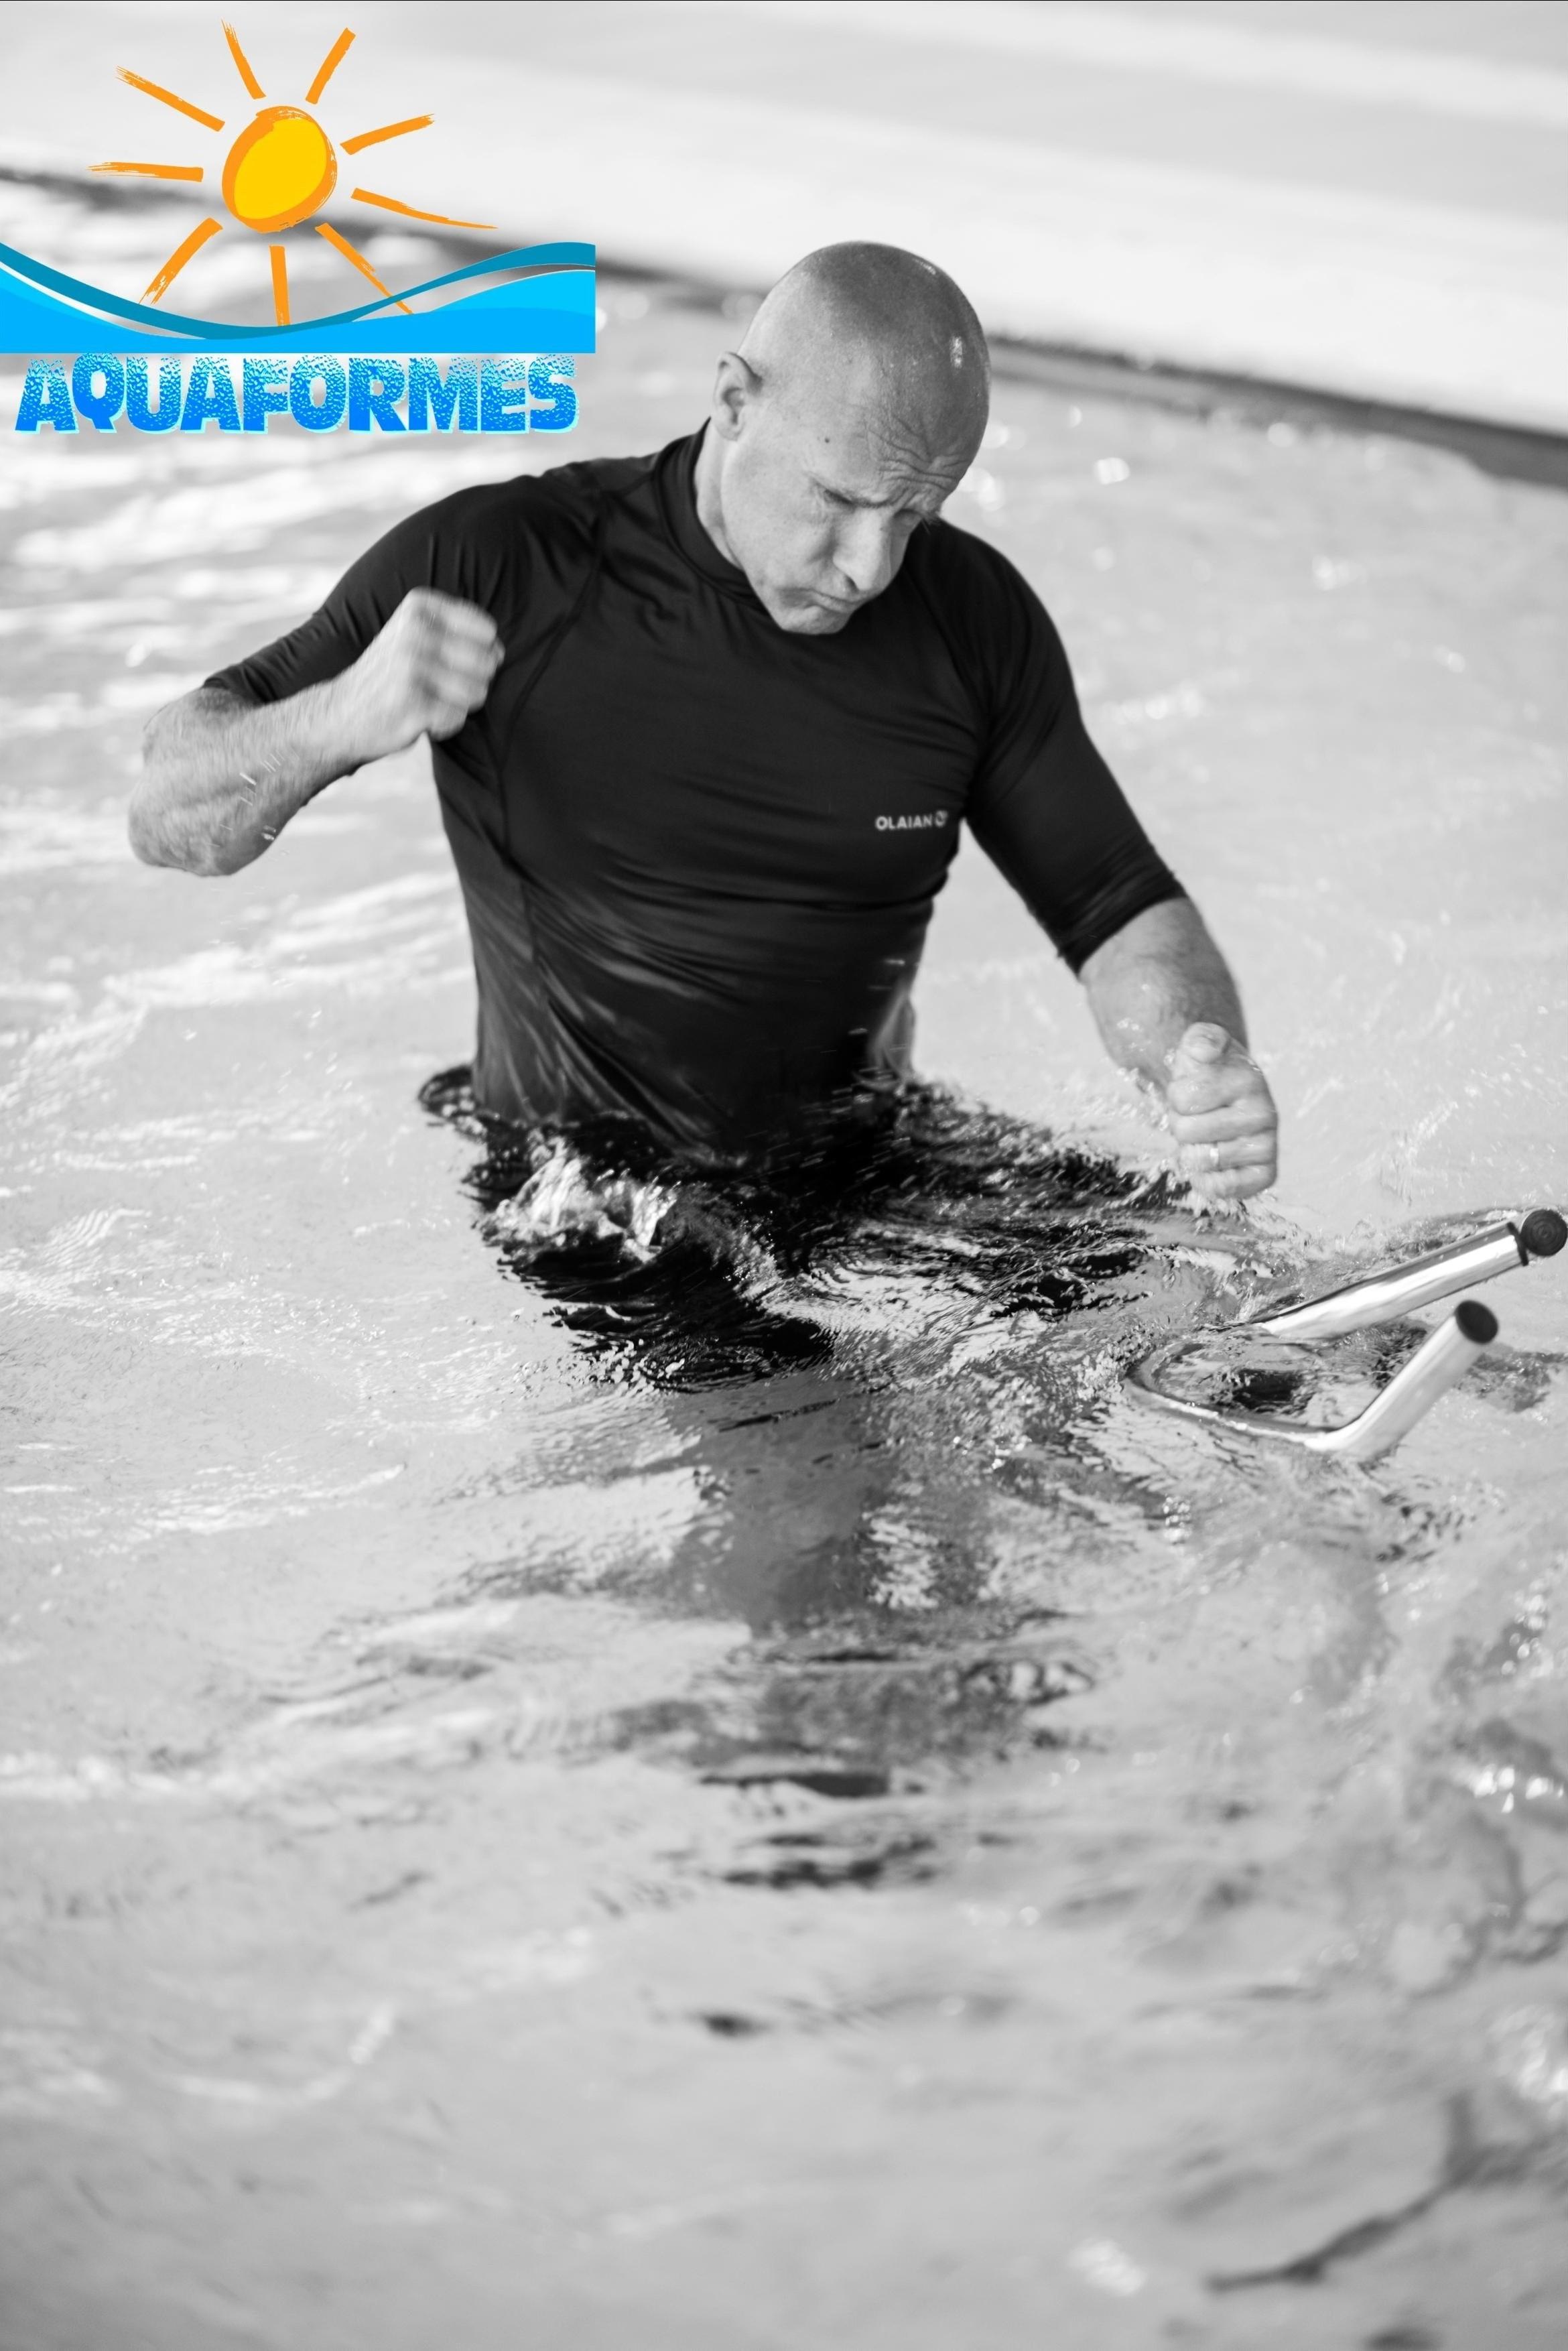 AquaformeSud_RebeylCom_Aquabike10